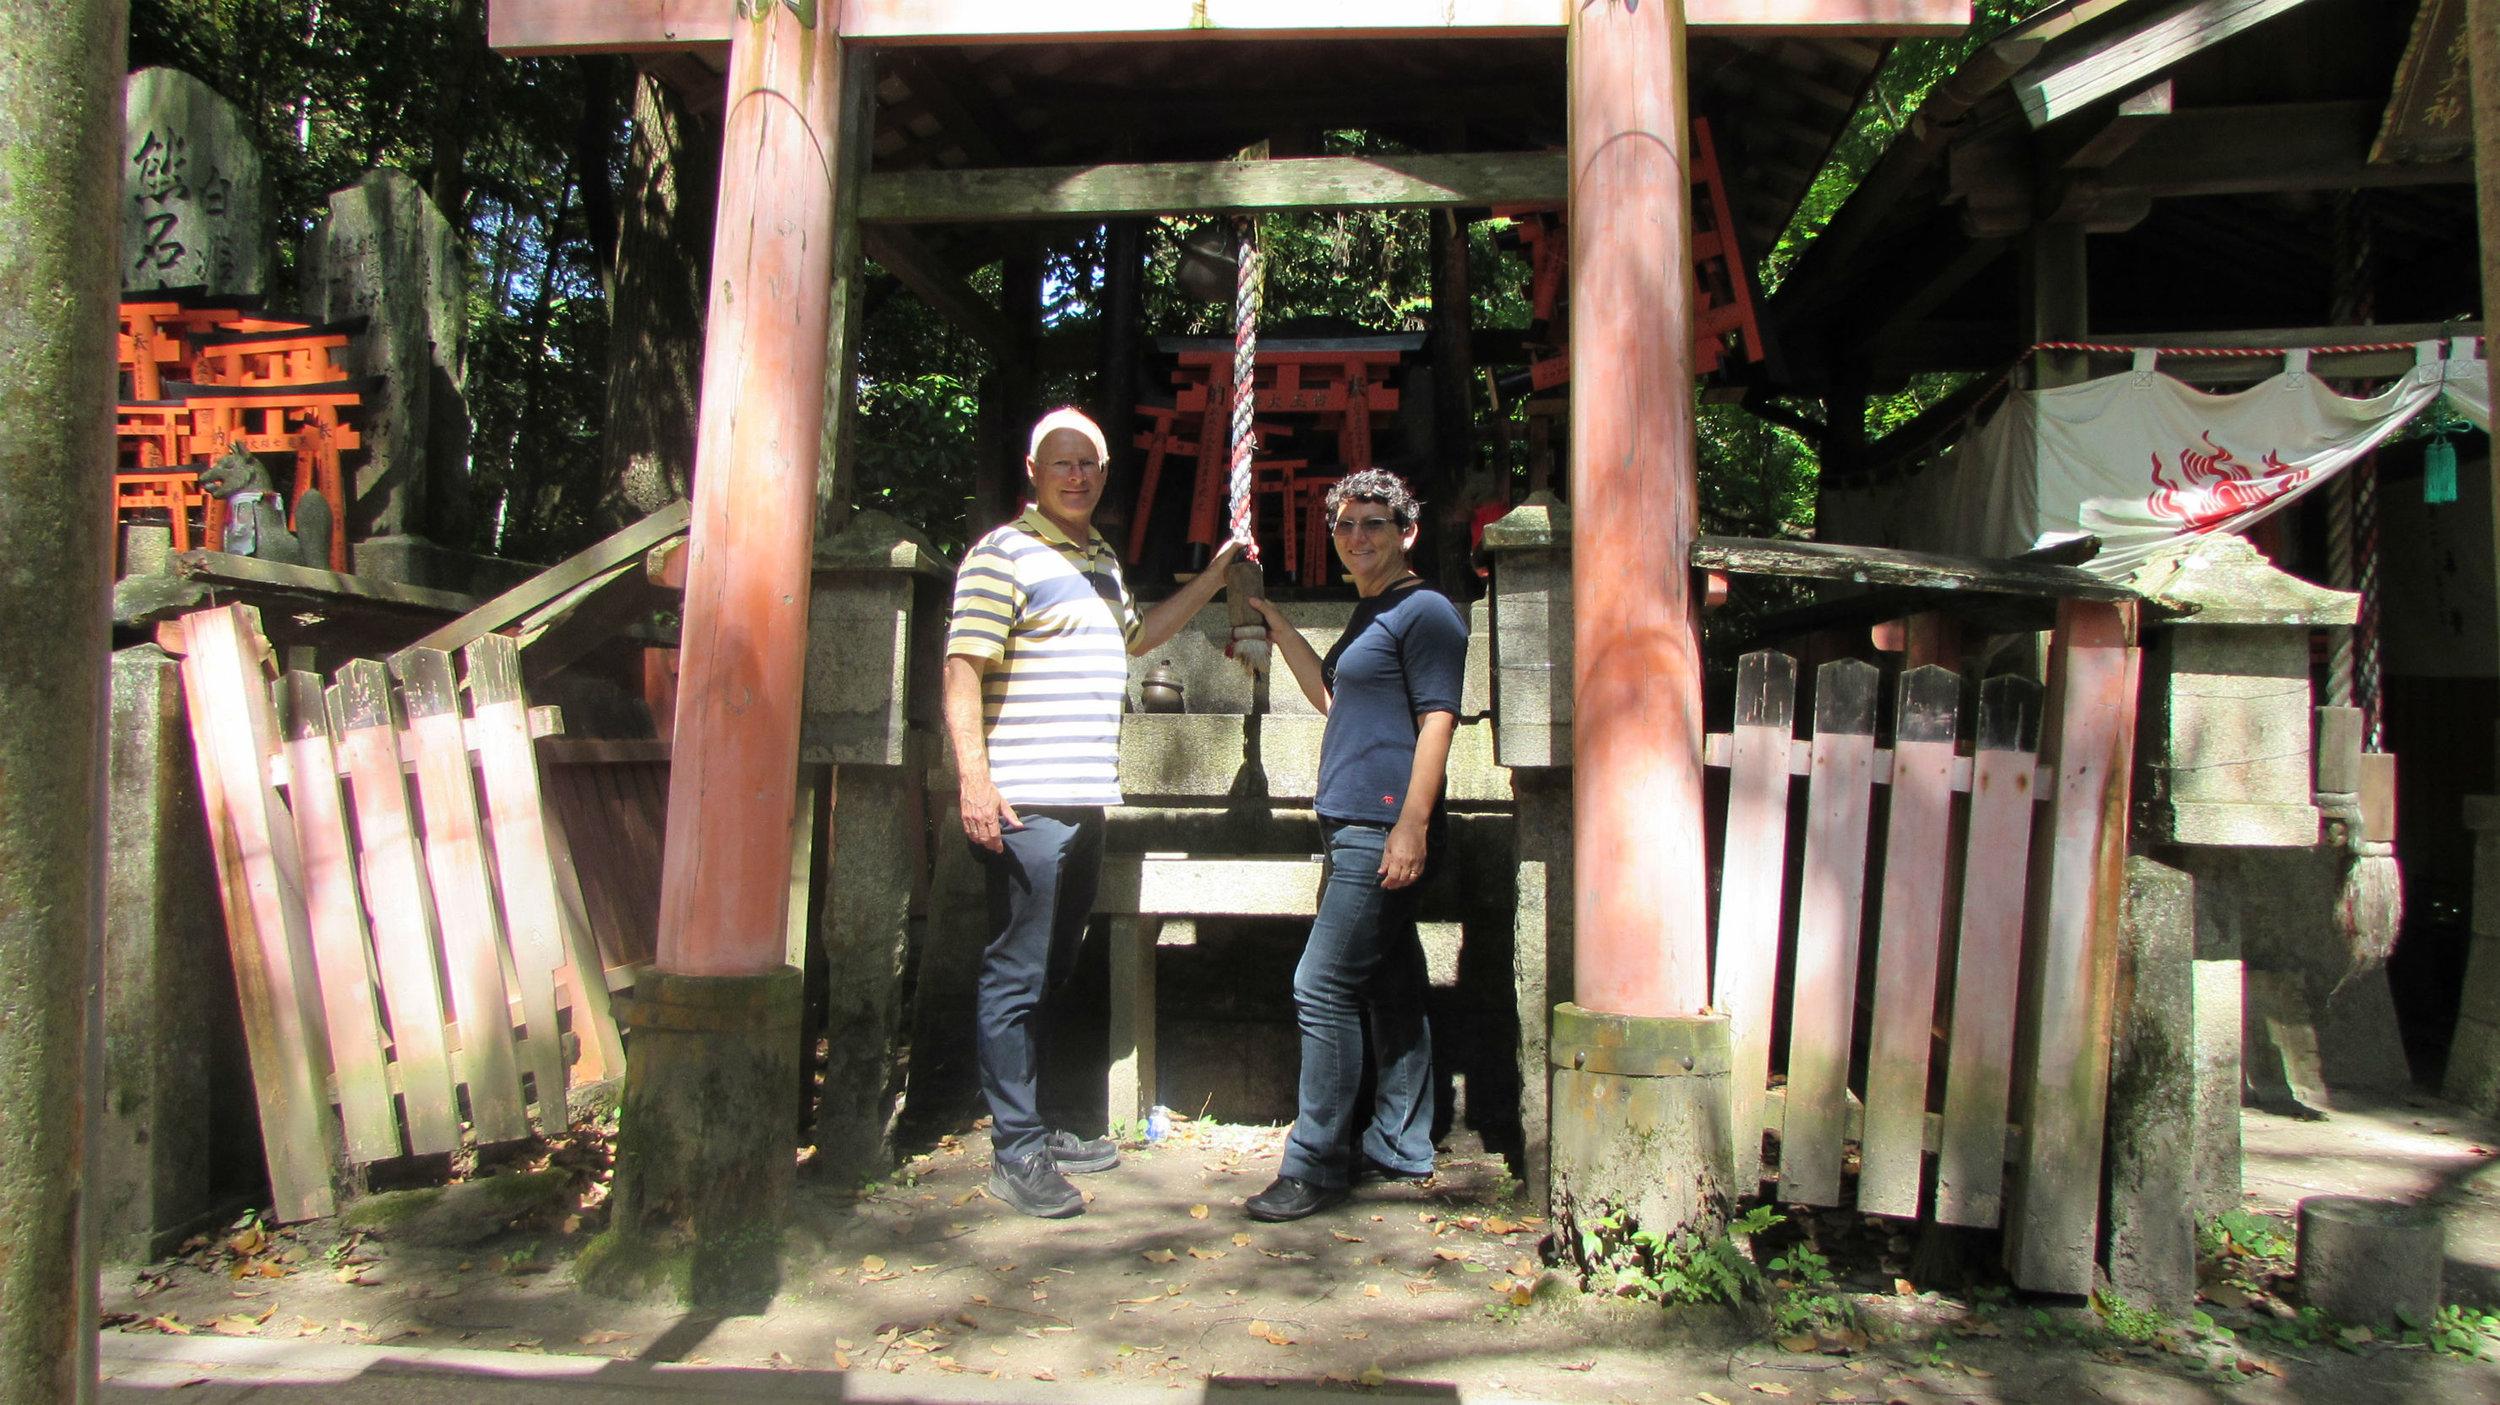 Fushimishi inari shrine in Kyoto